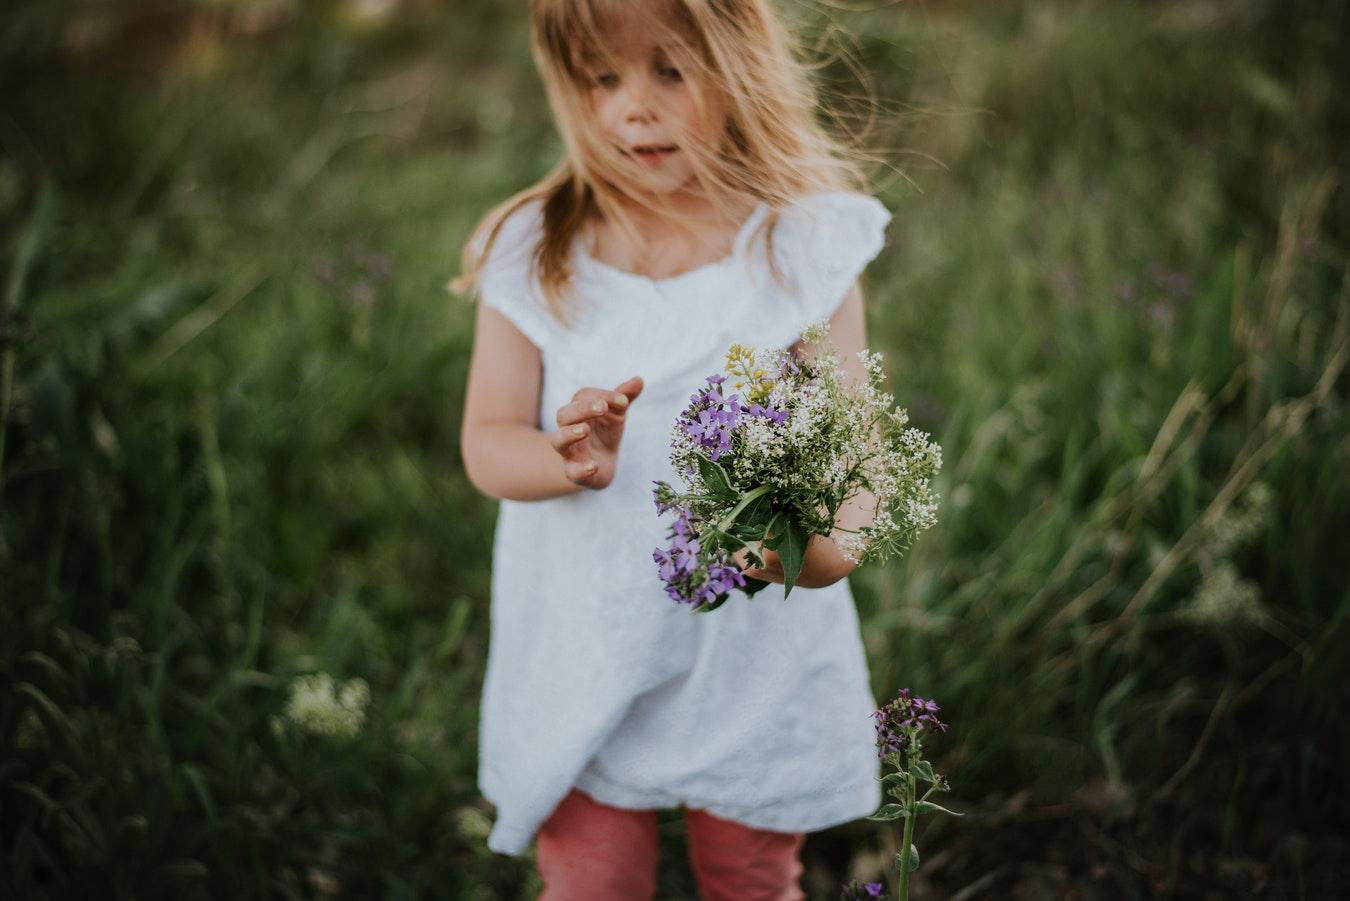 Filastrocche per bambini sulla primavera [VIDEO]